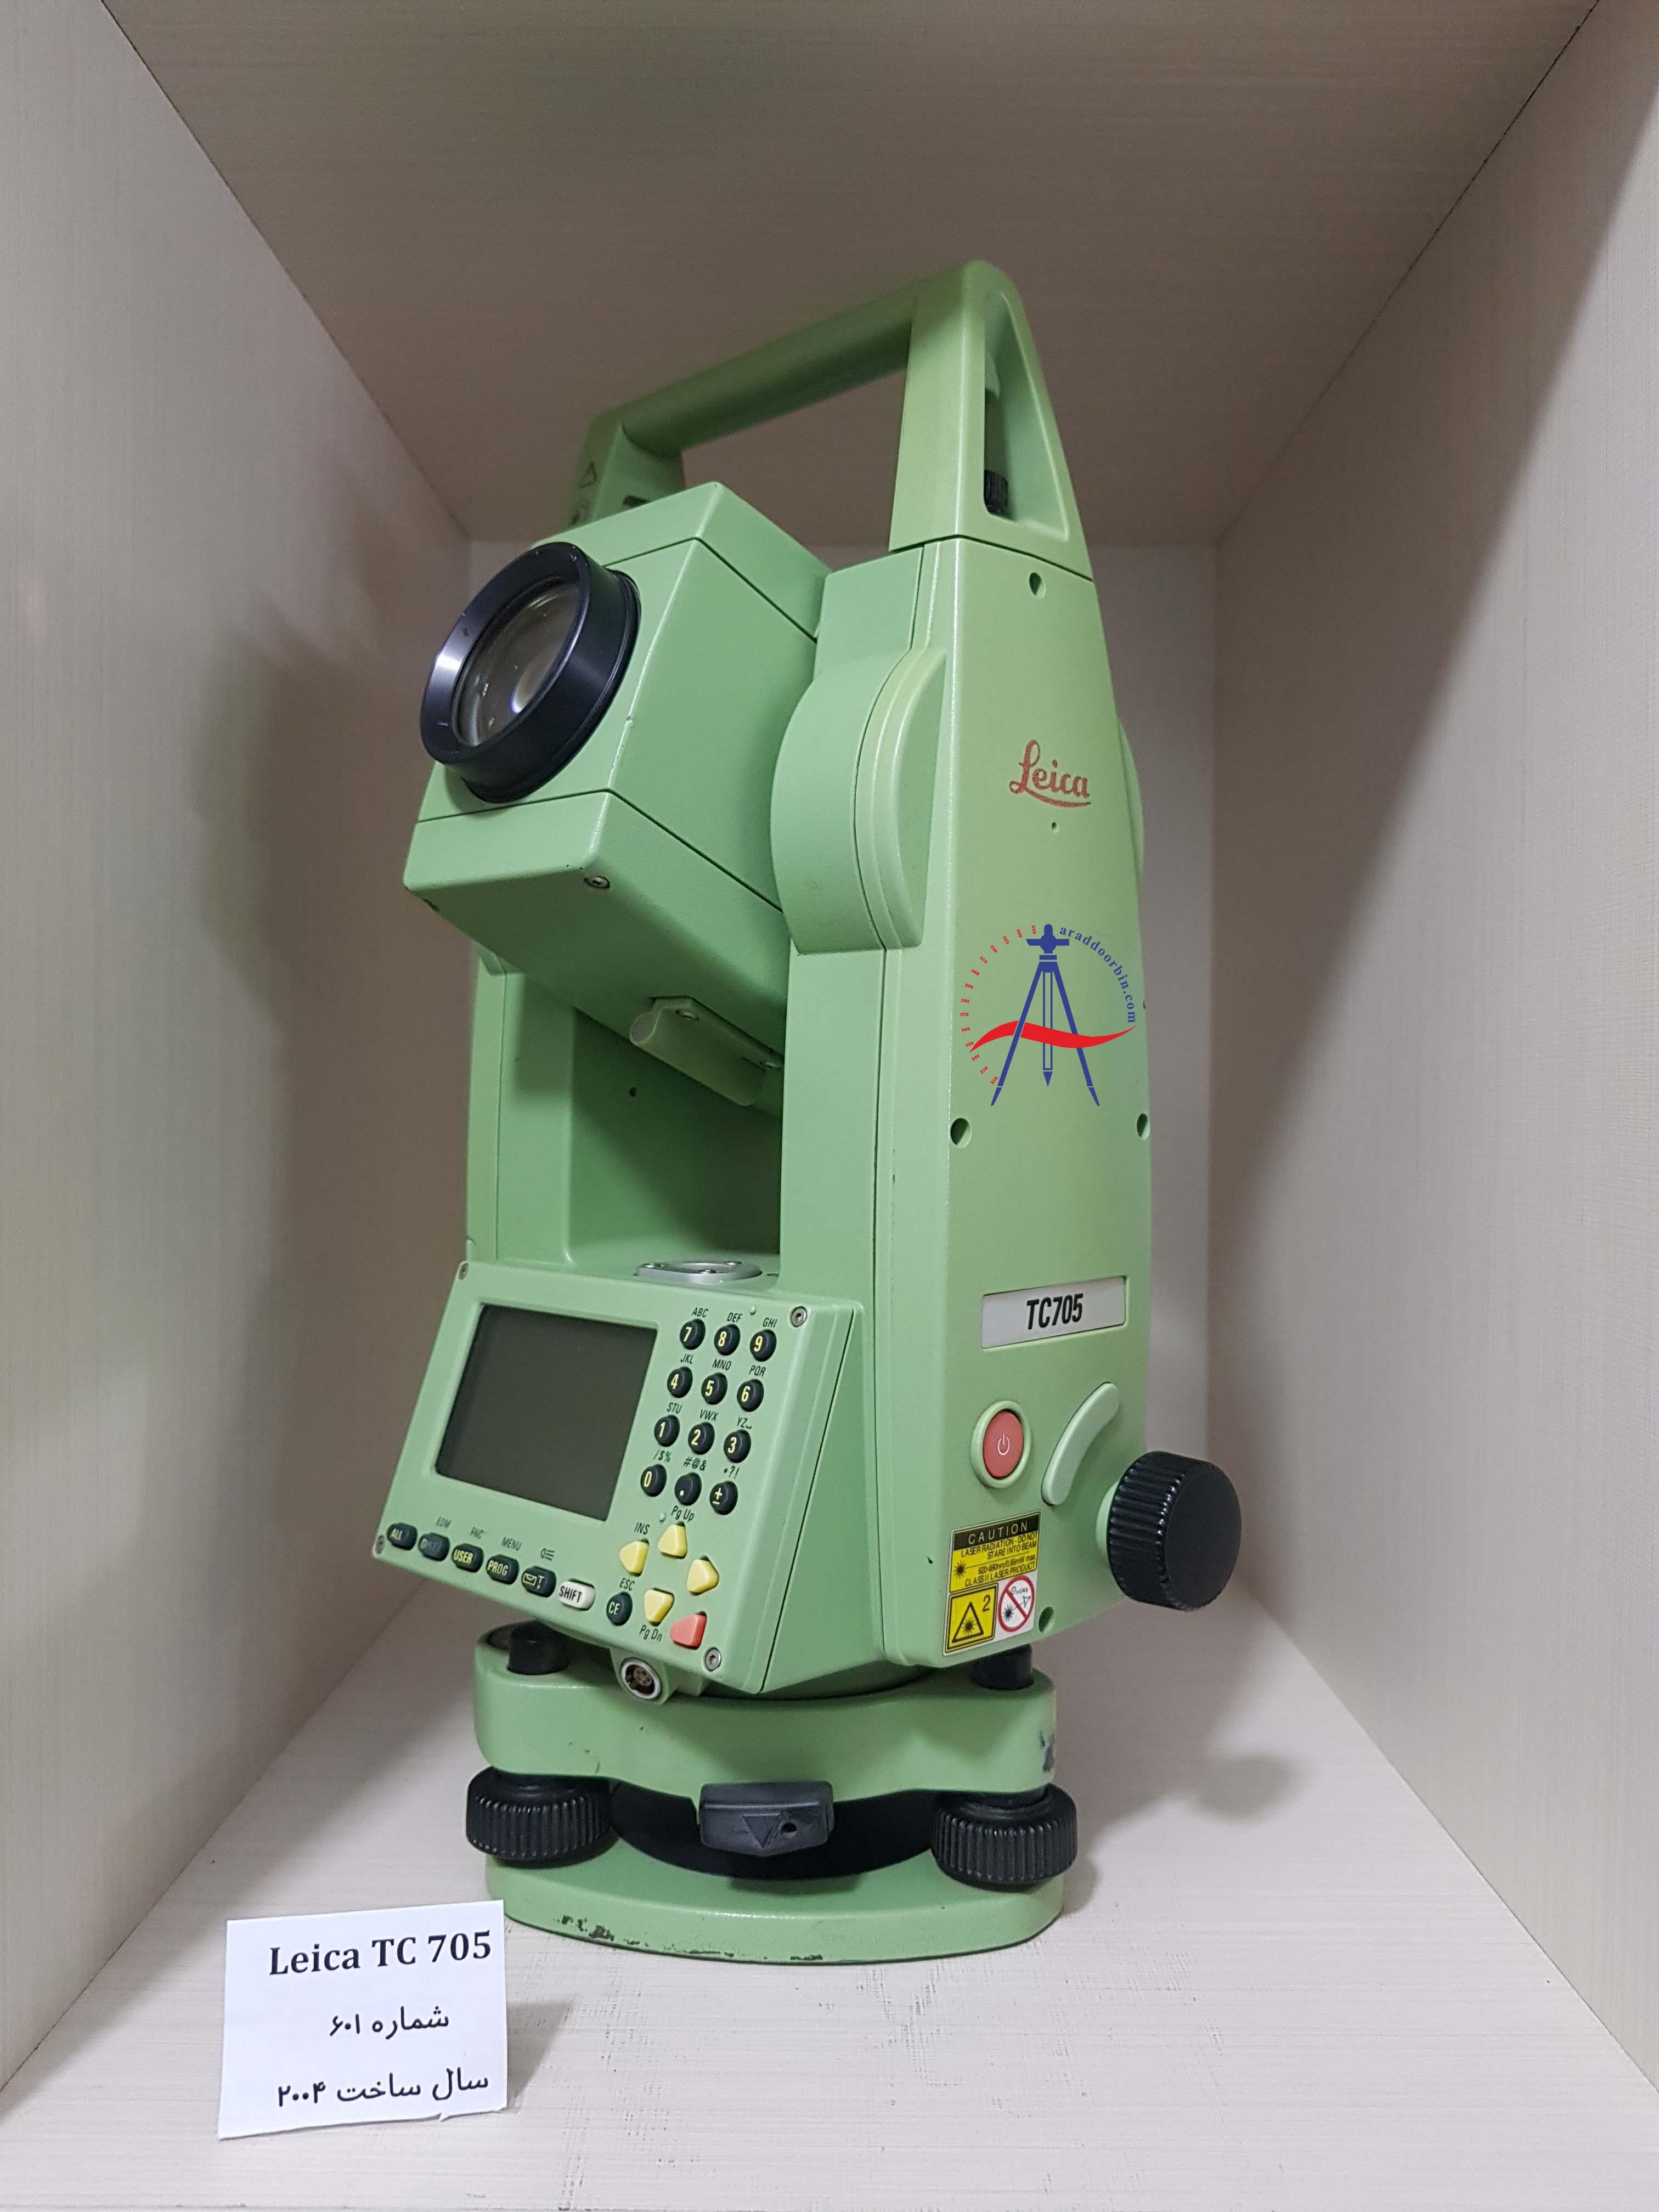 دوربین دست دوم توتال استیشن لایکا  Leica TC 705